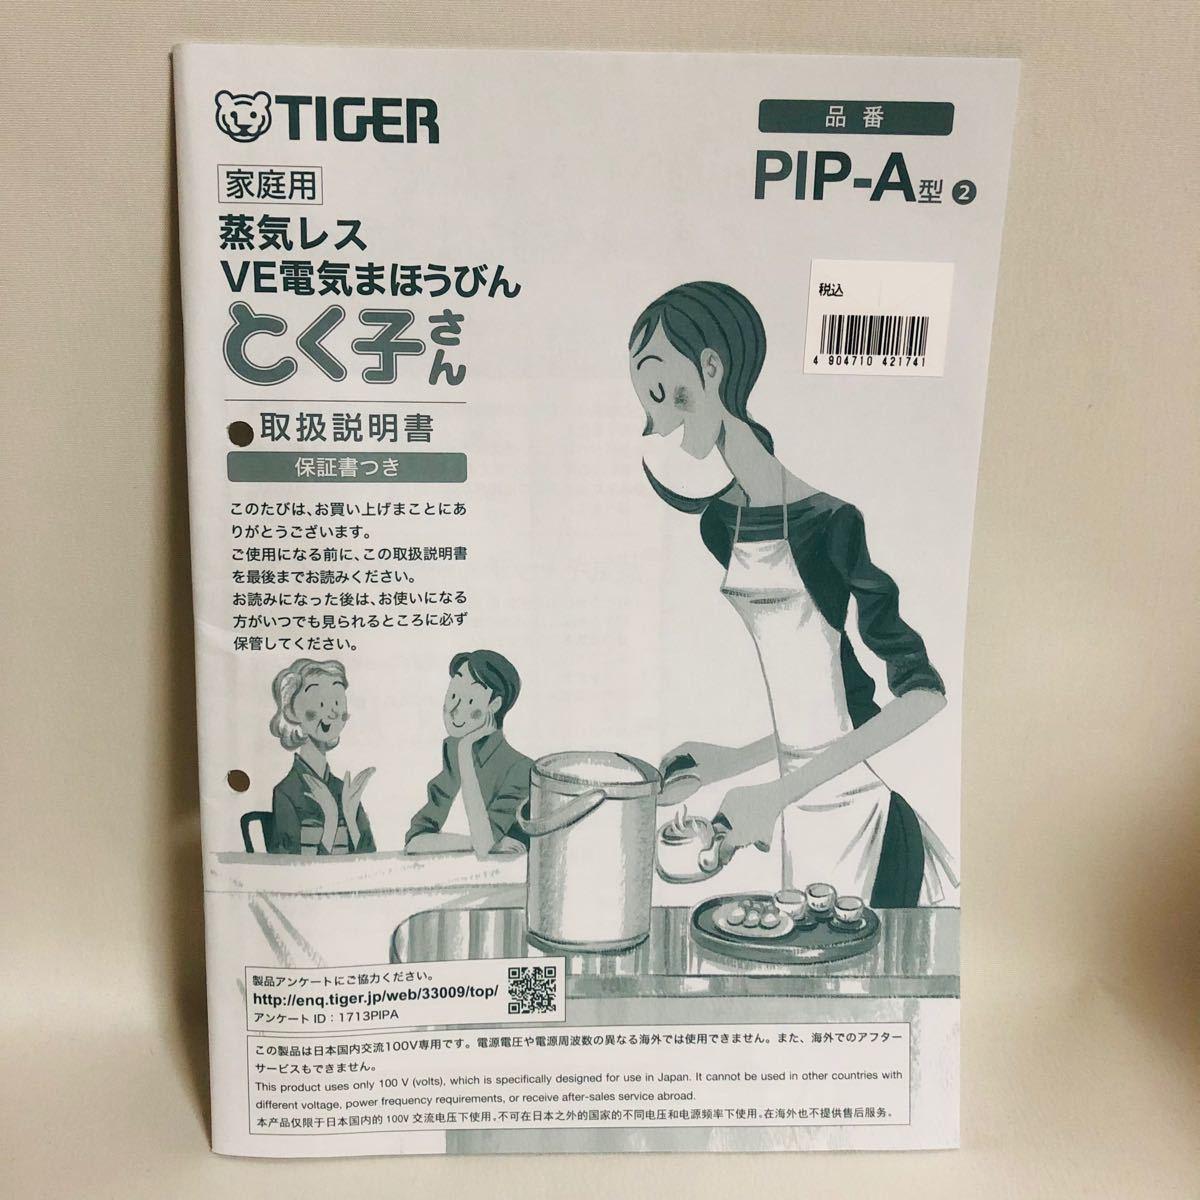 【新品未使用】 TIGER 電気ポット タイガー魔法瓶 とく子さん